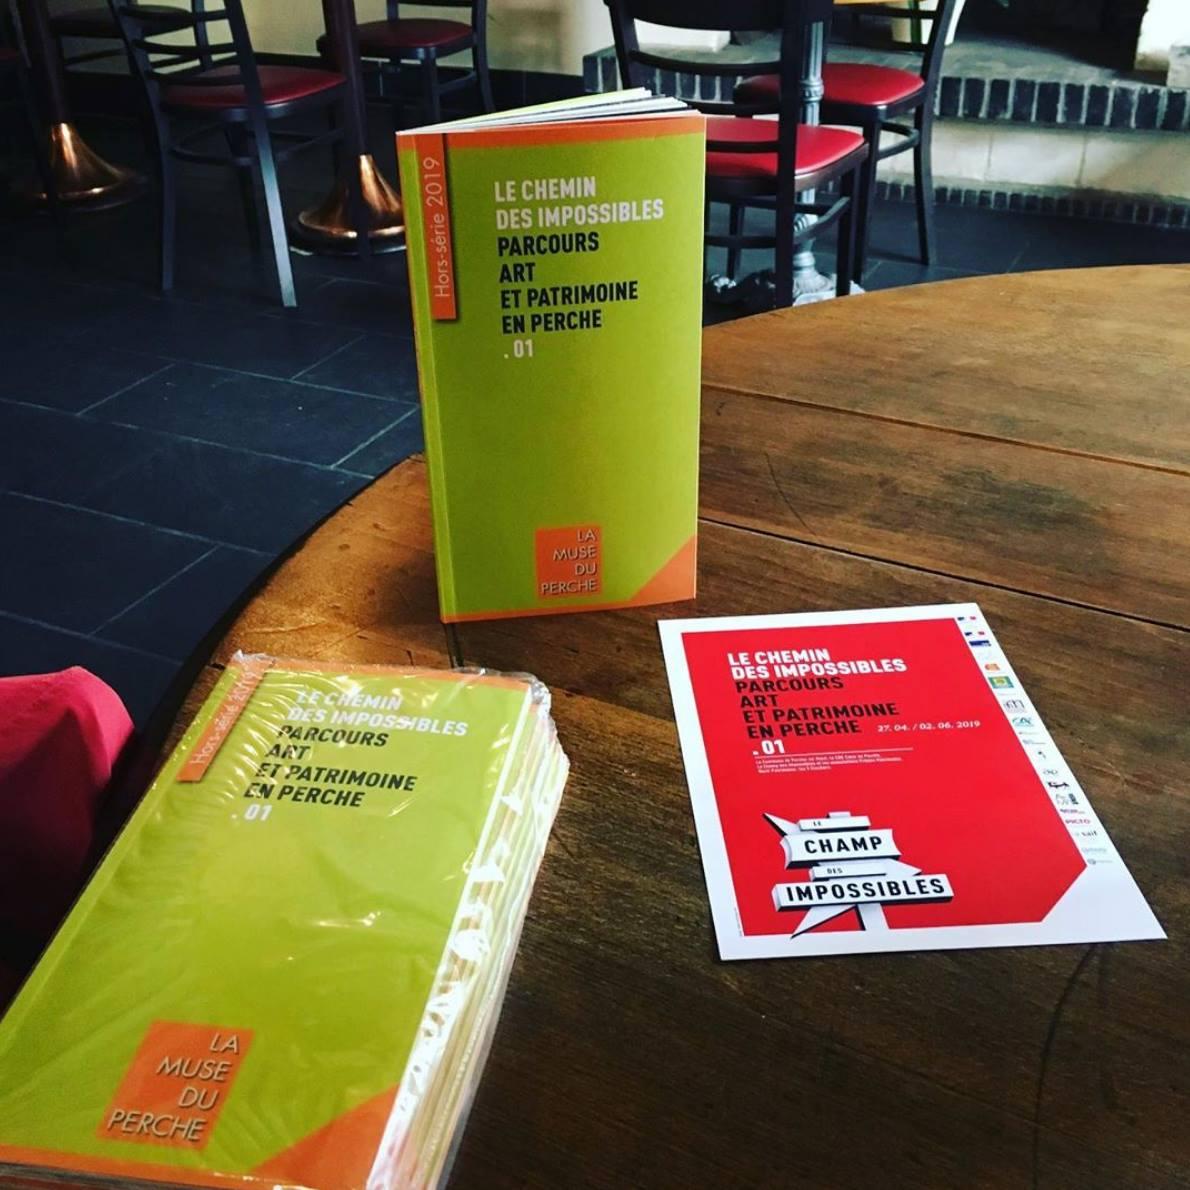 Flyer et Guide Le Champ des Impossibles